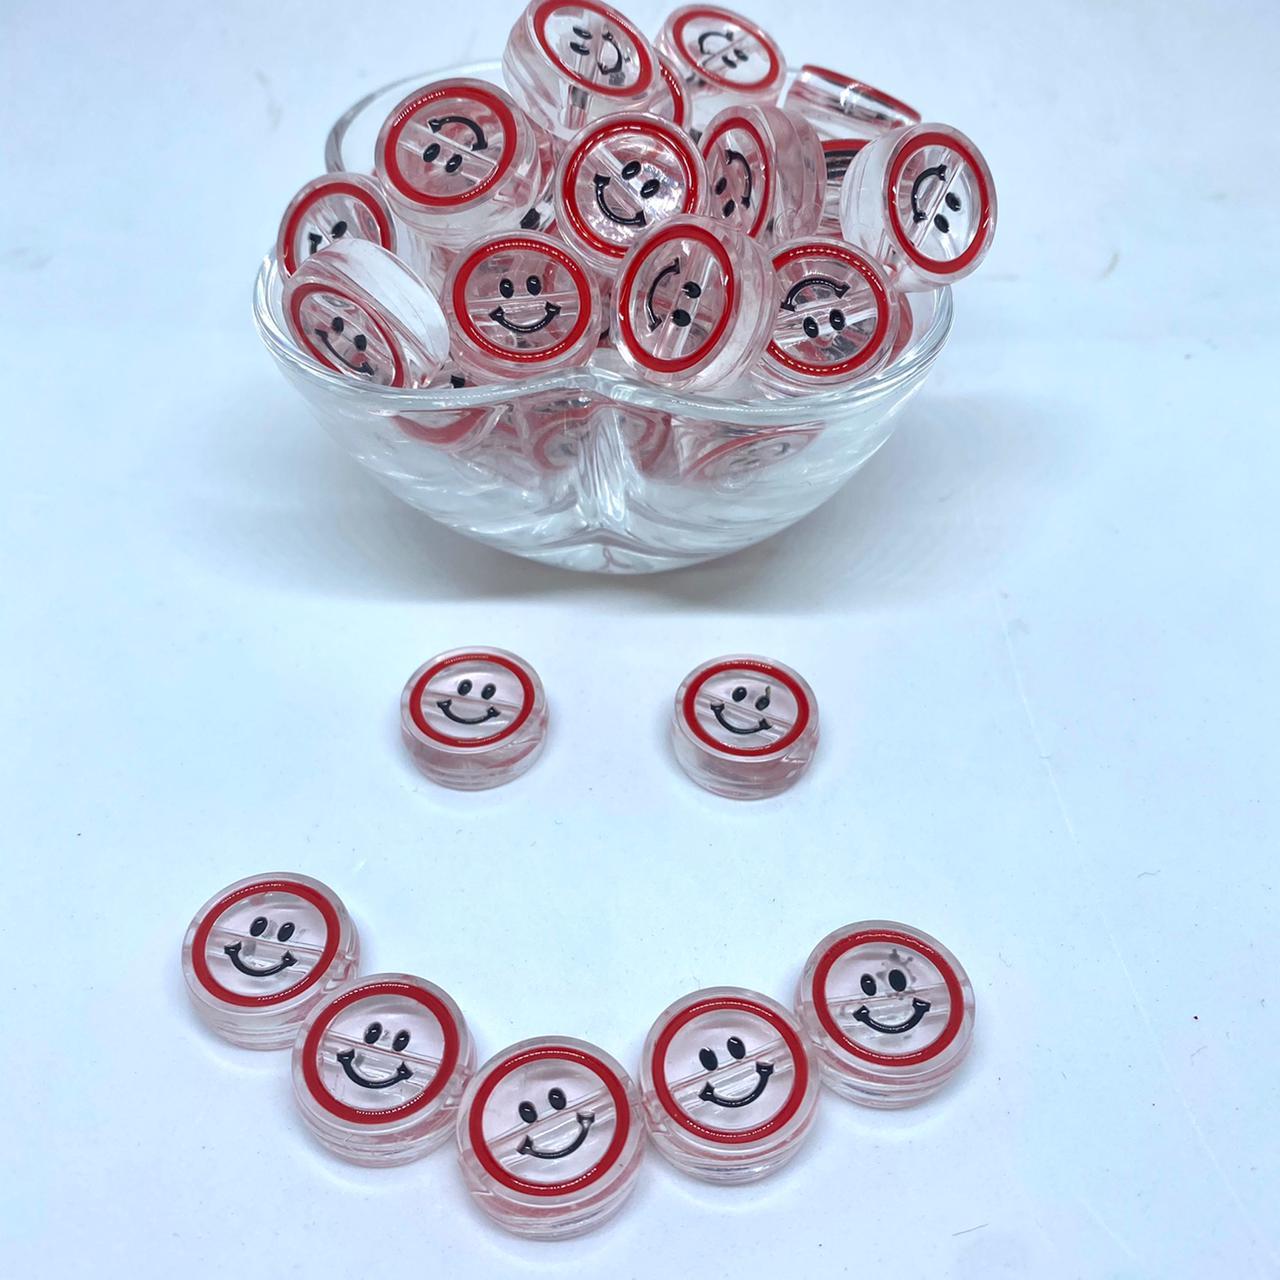 Smile vermelho  20mm / unidade